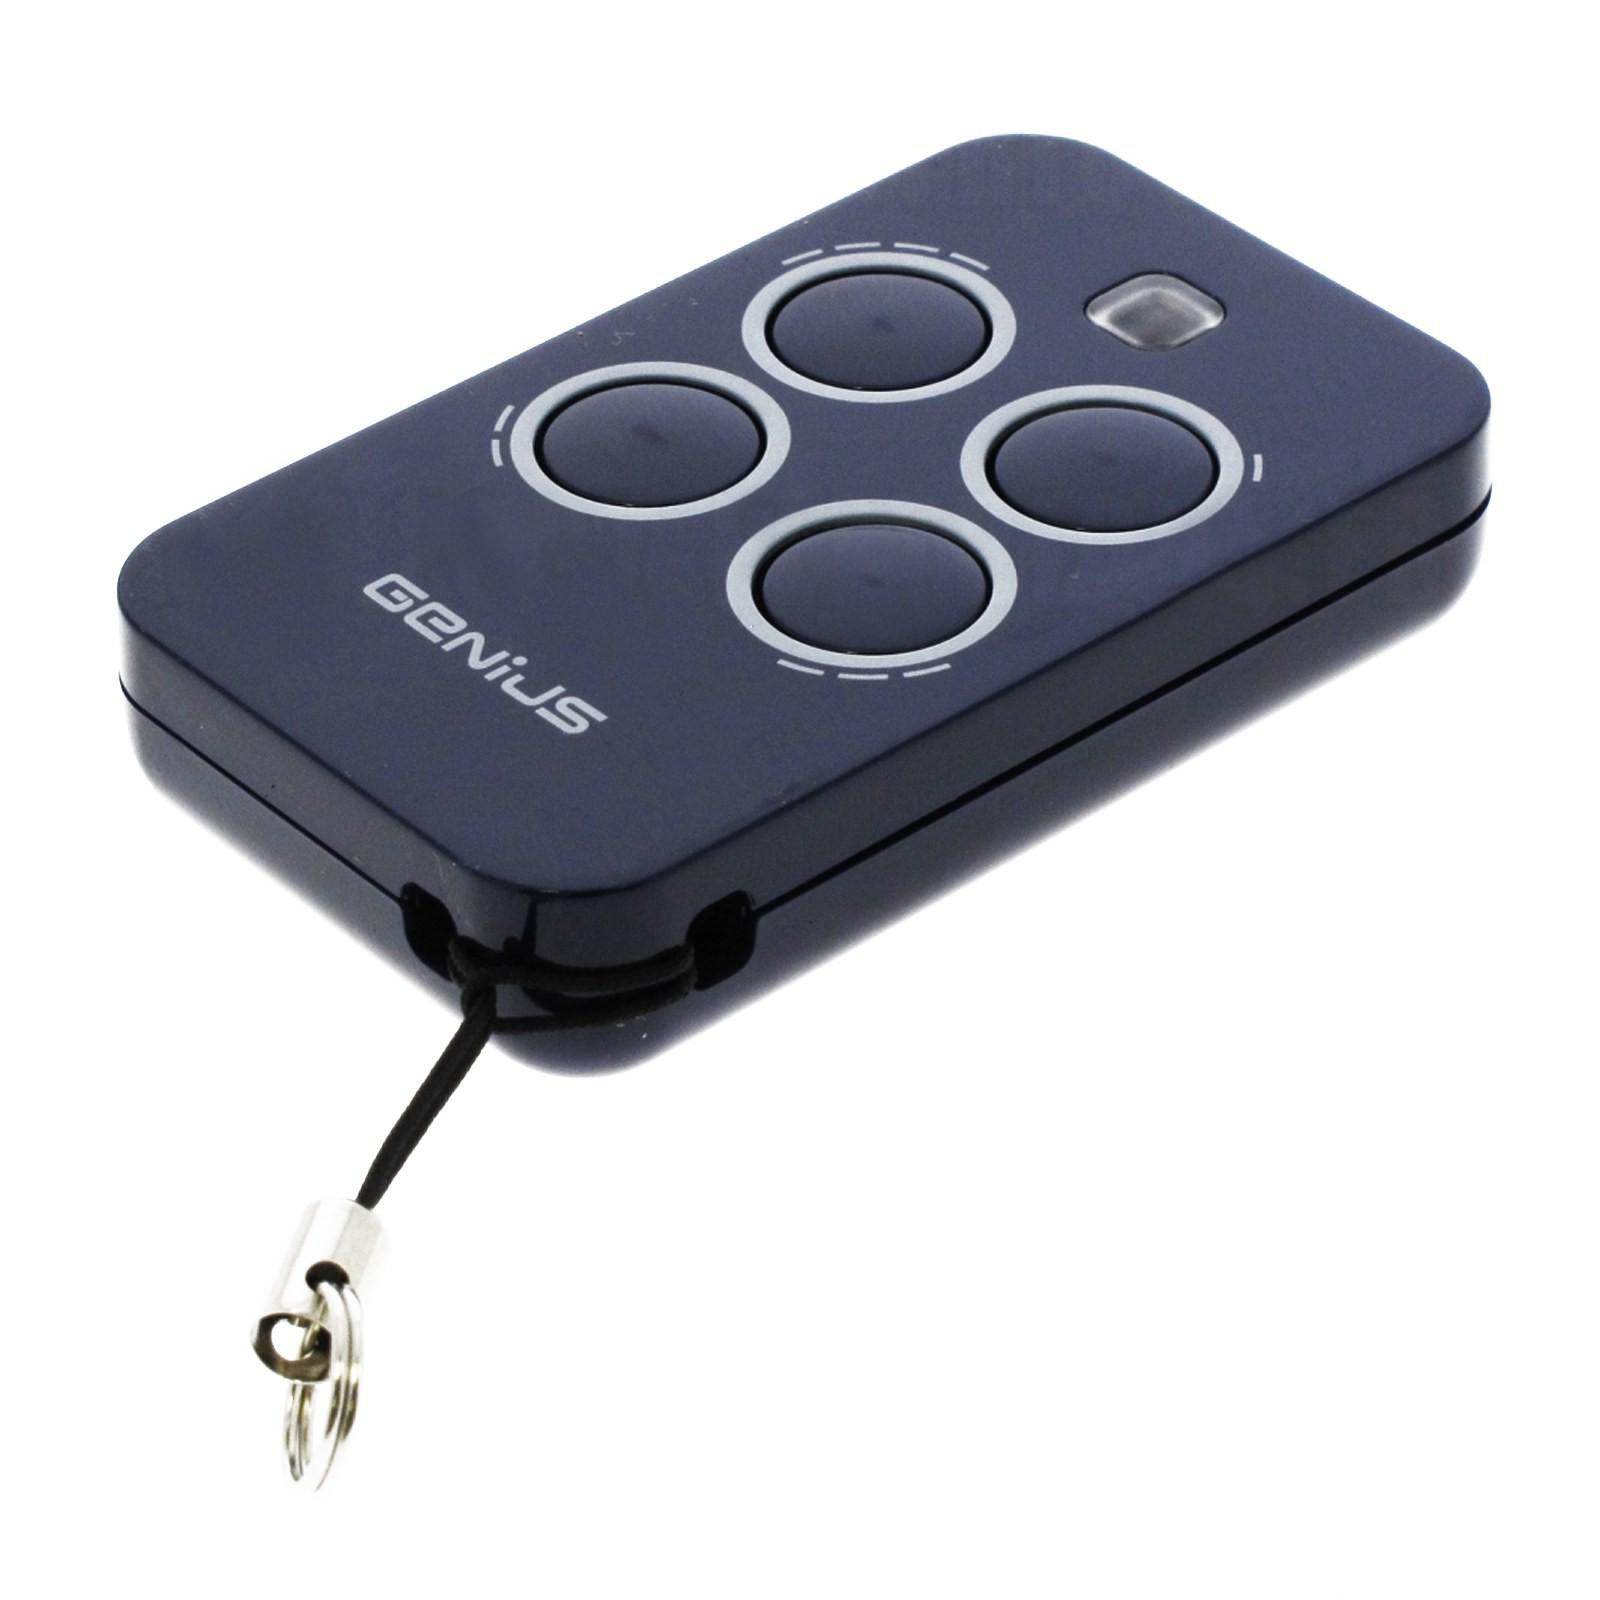 GENIUS ECHO TX4 - Telecomando, Nero: Amazon.it: Elettronica